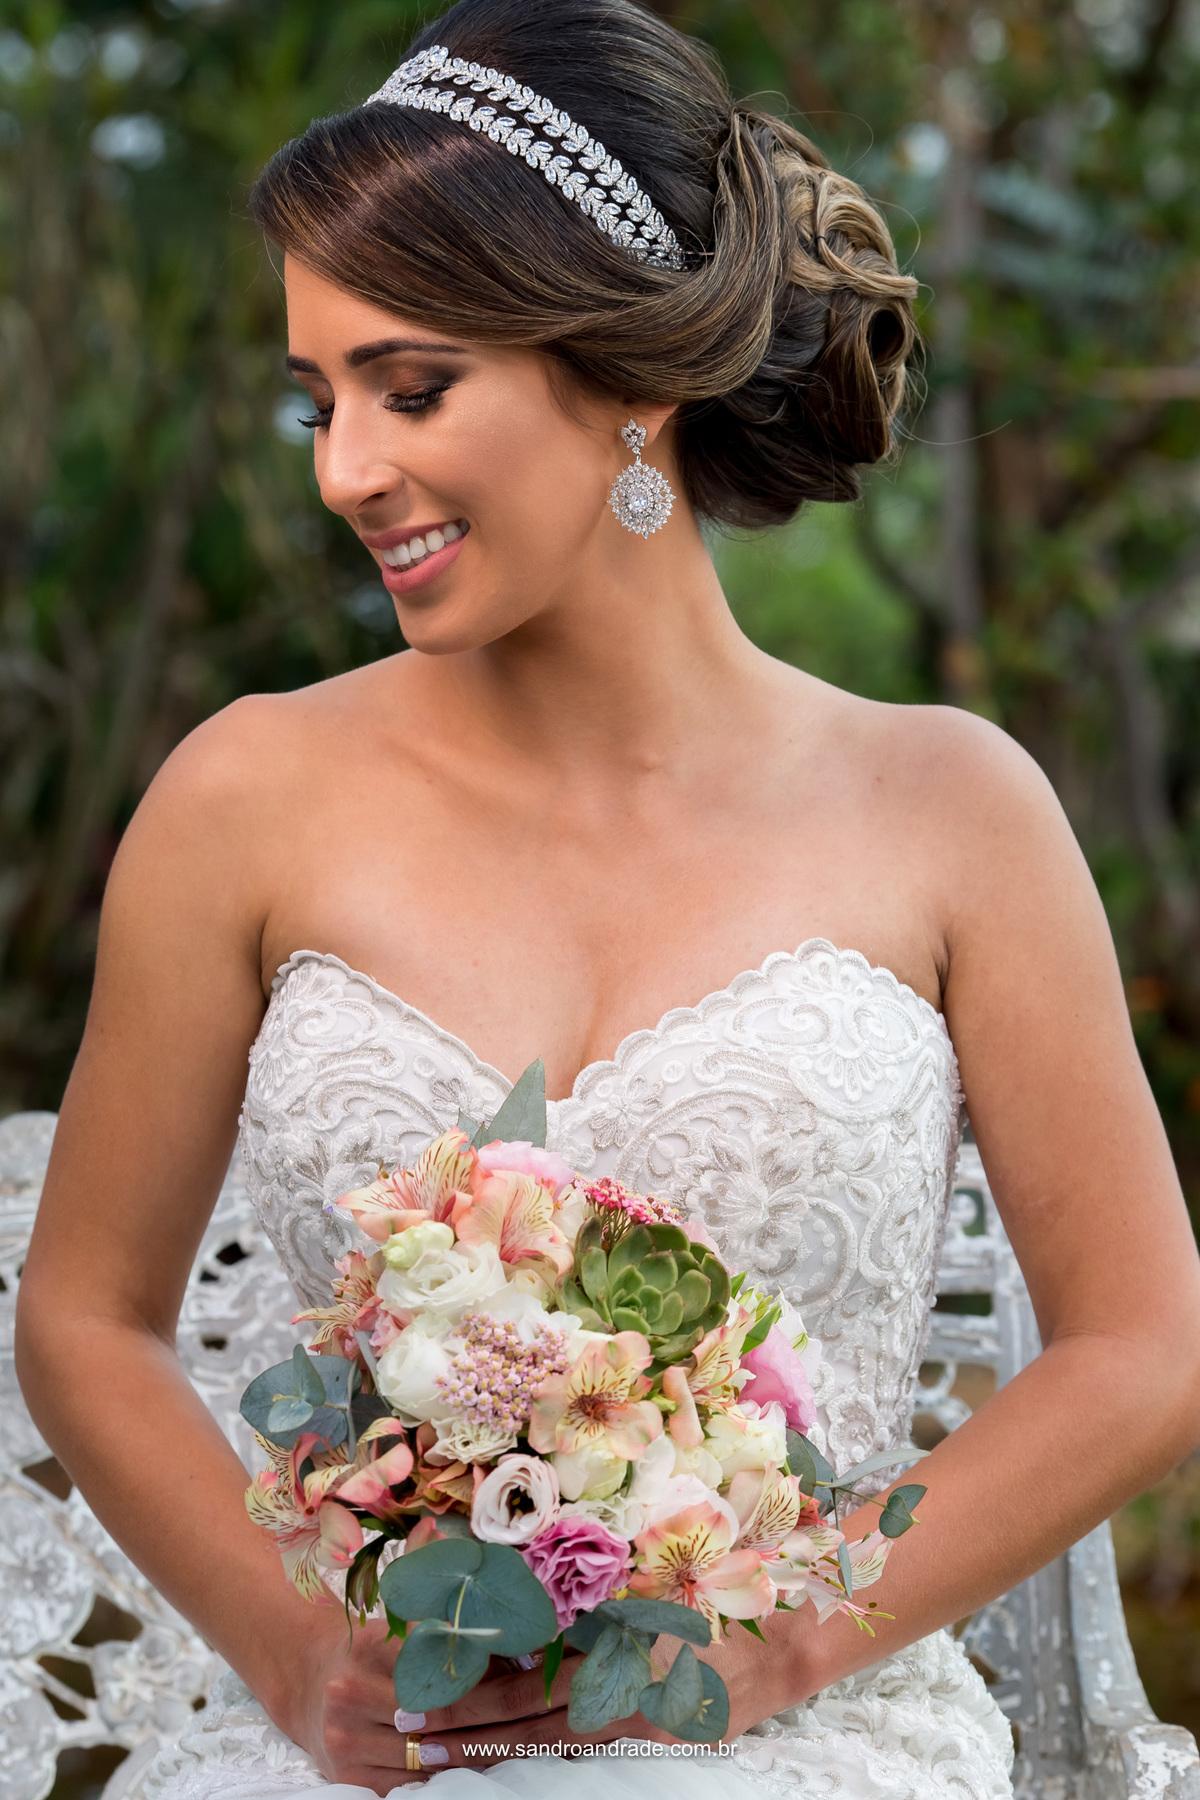 Sorriso lindo da noiva e seu lindo buque.